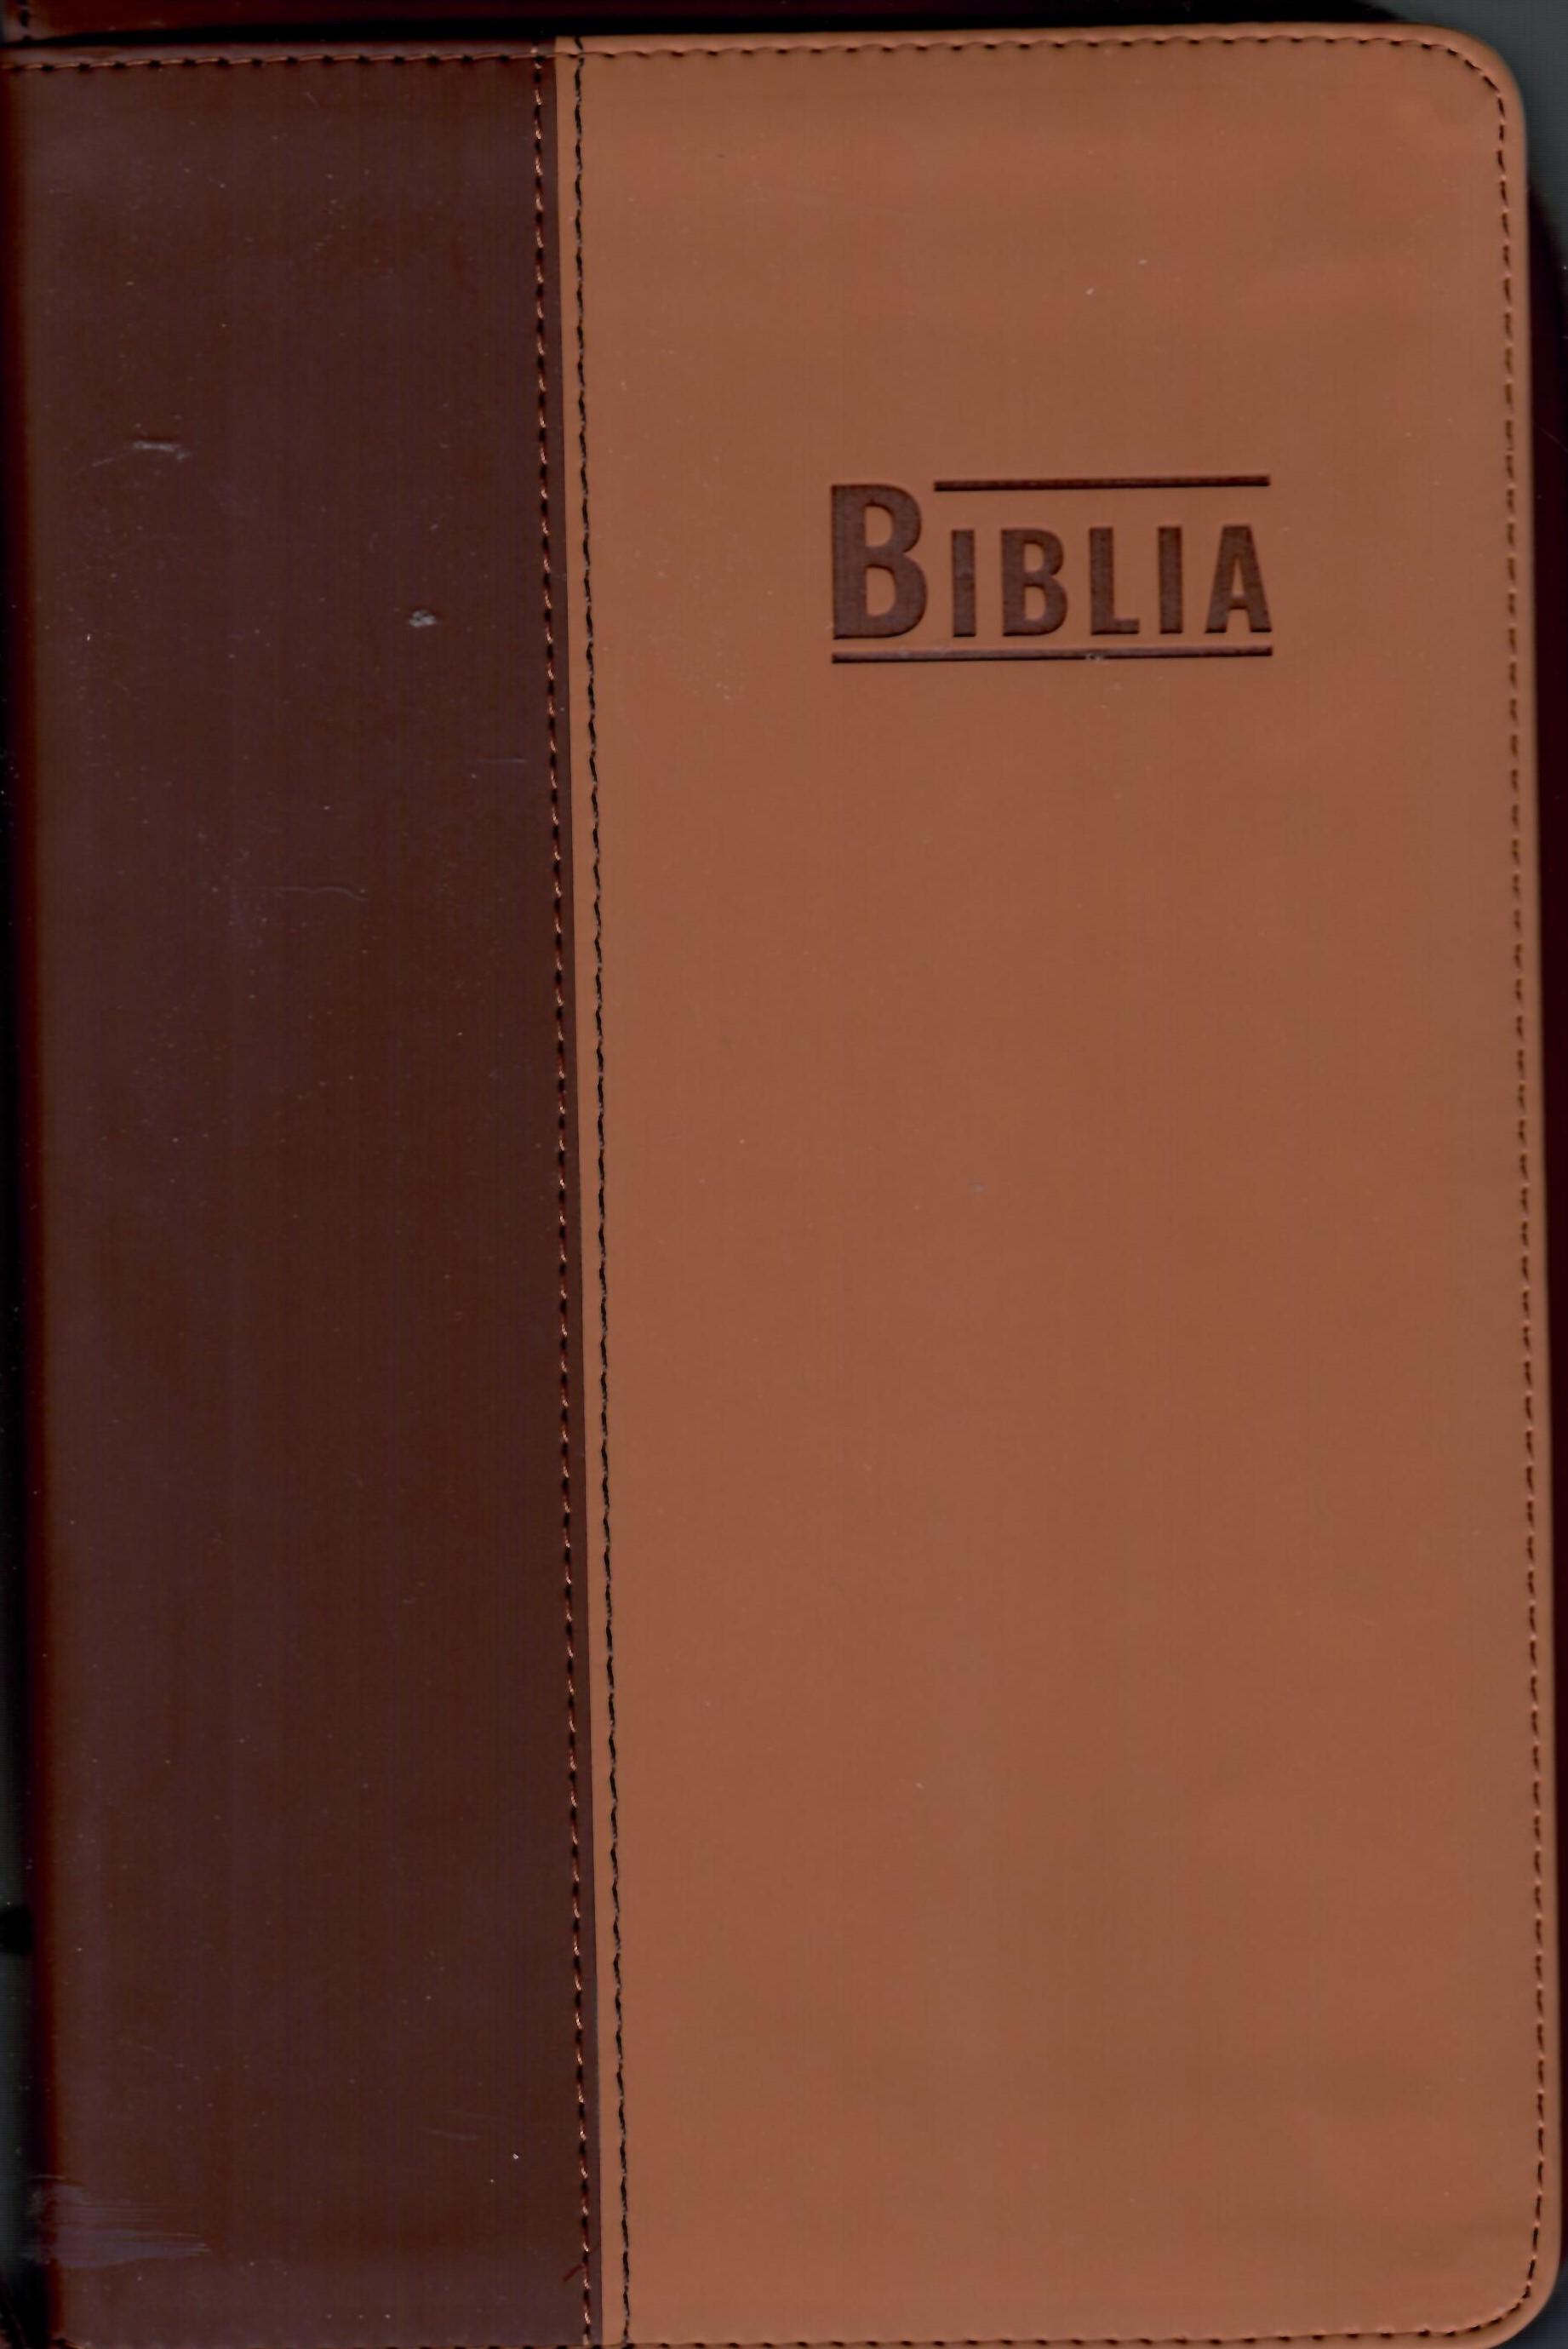 Biblia NTR Maro